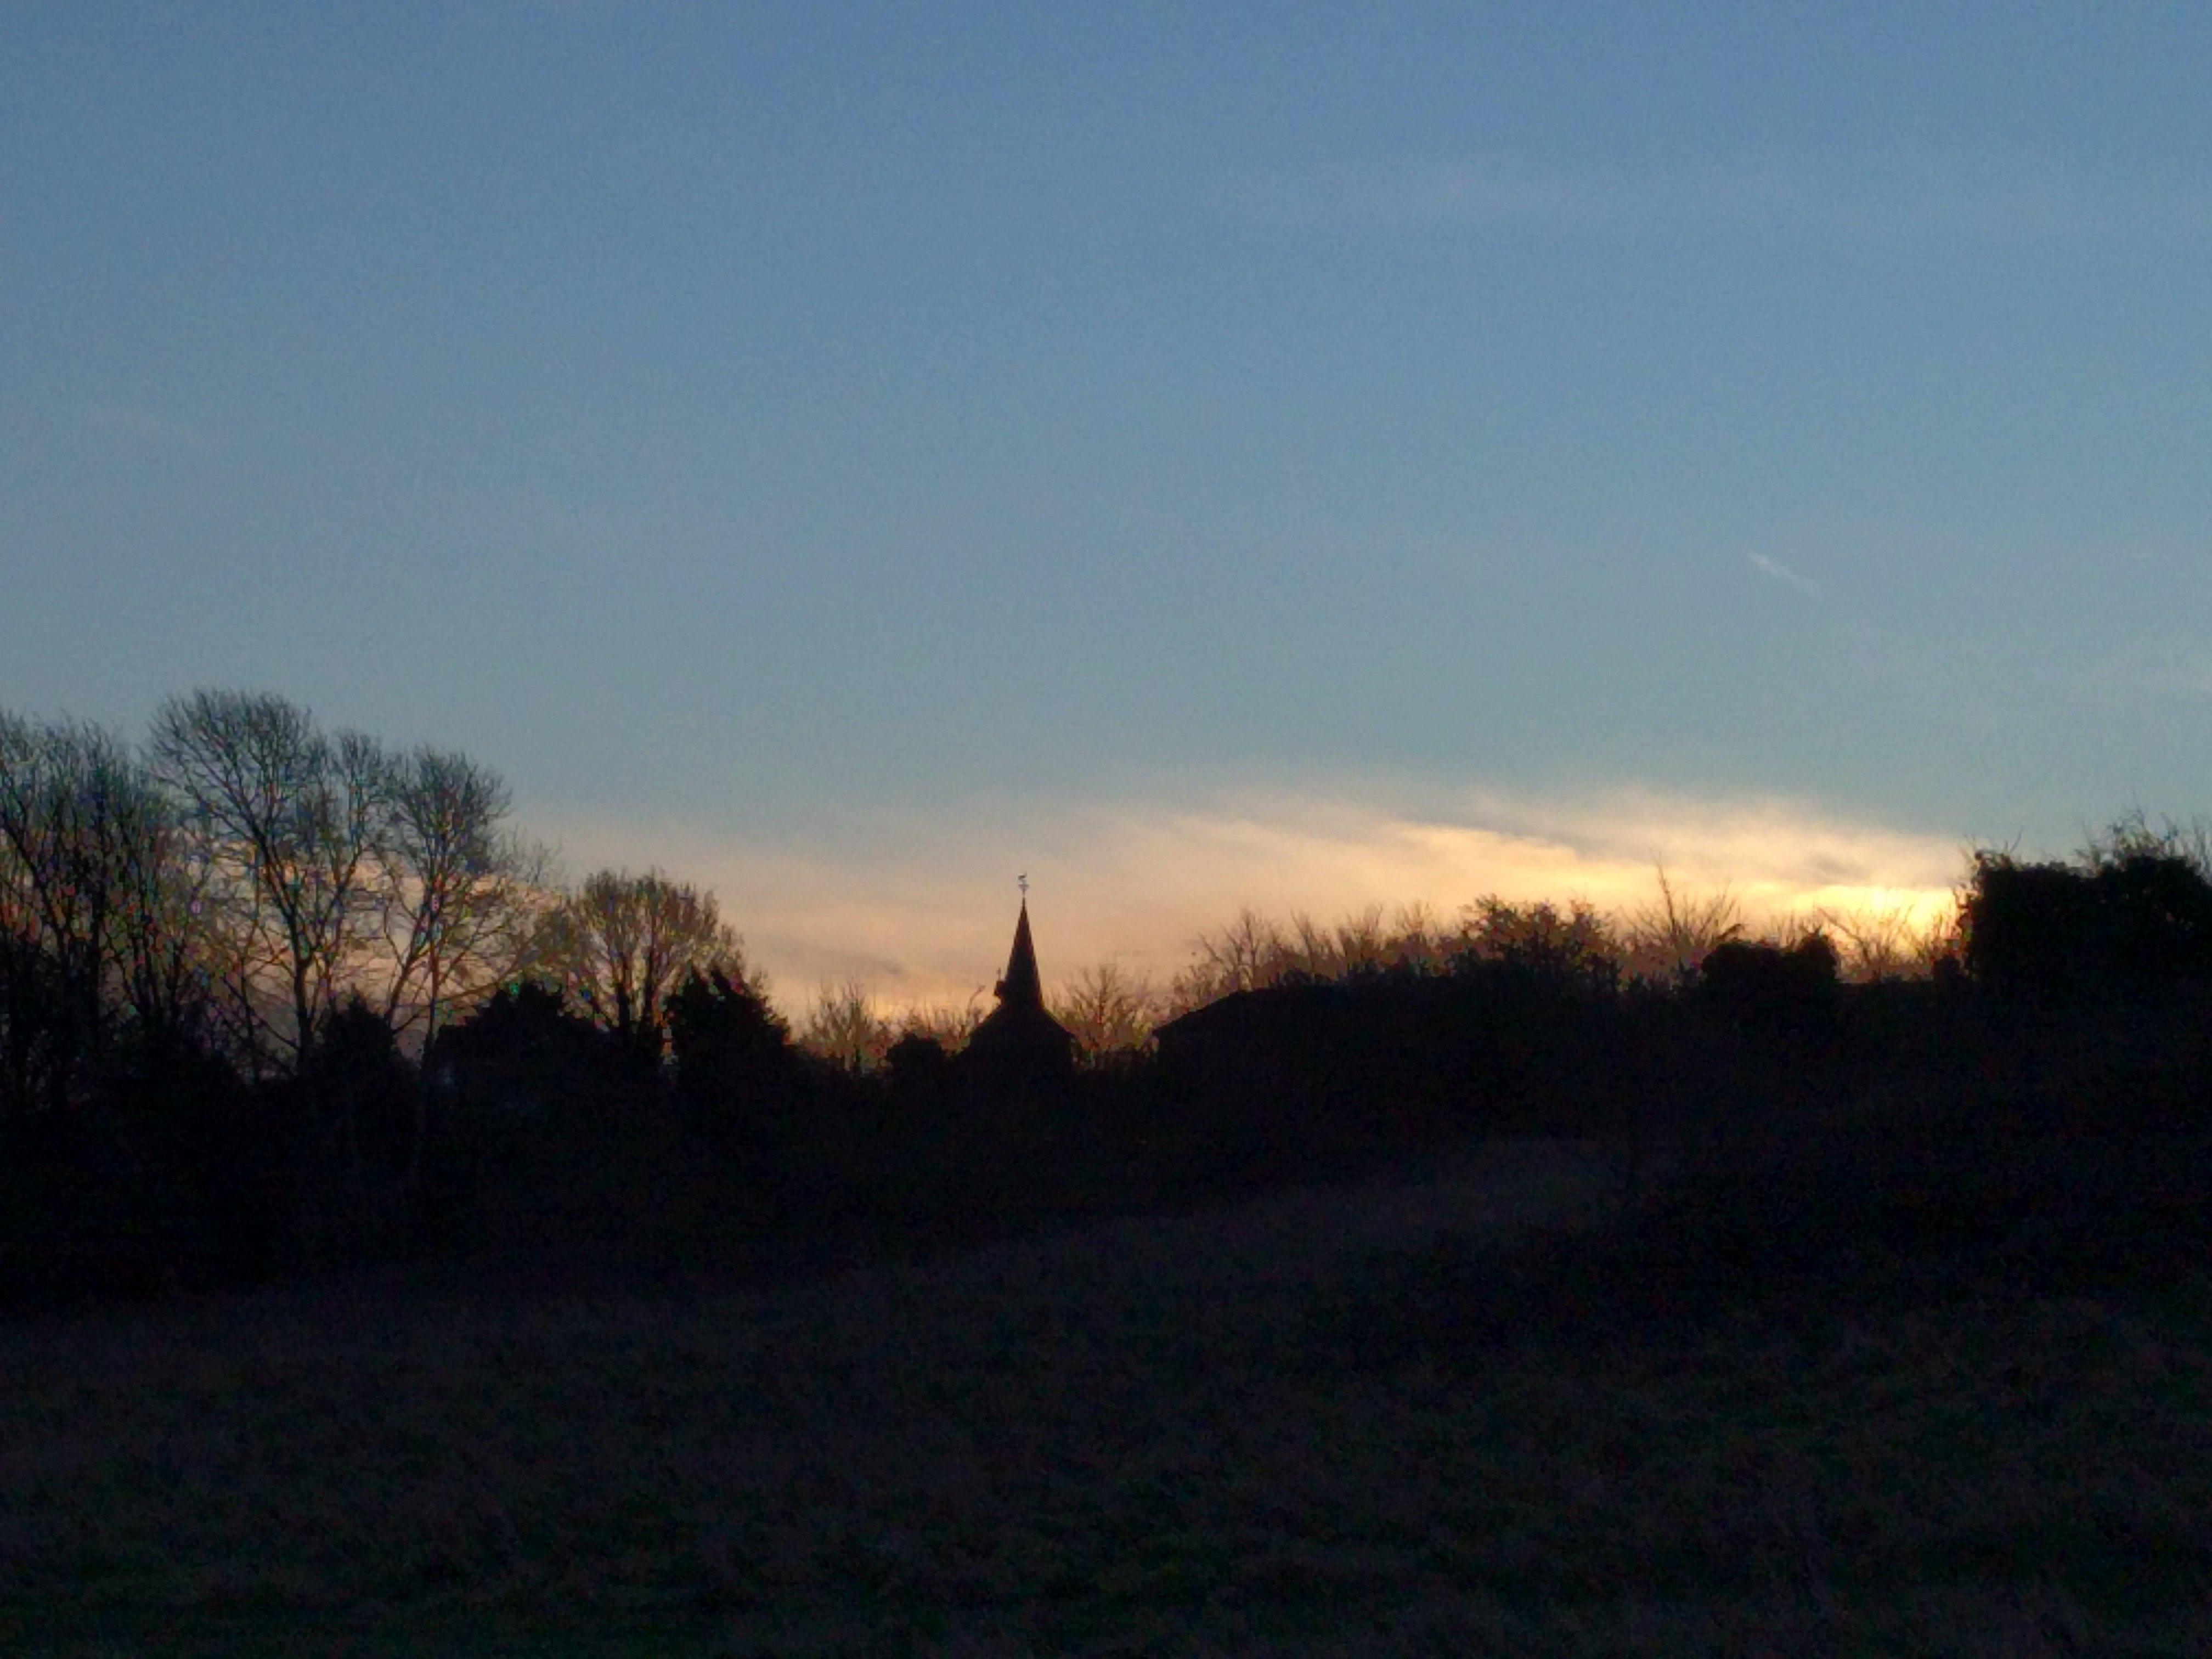 Stifford dawn #sh